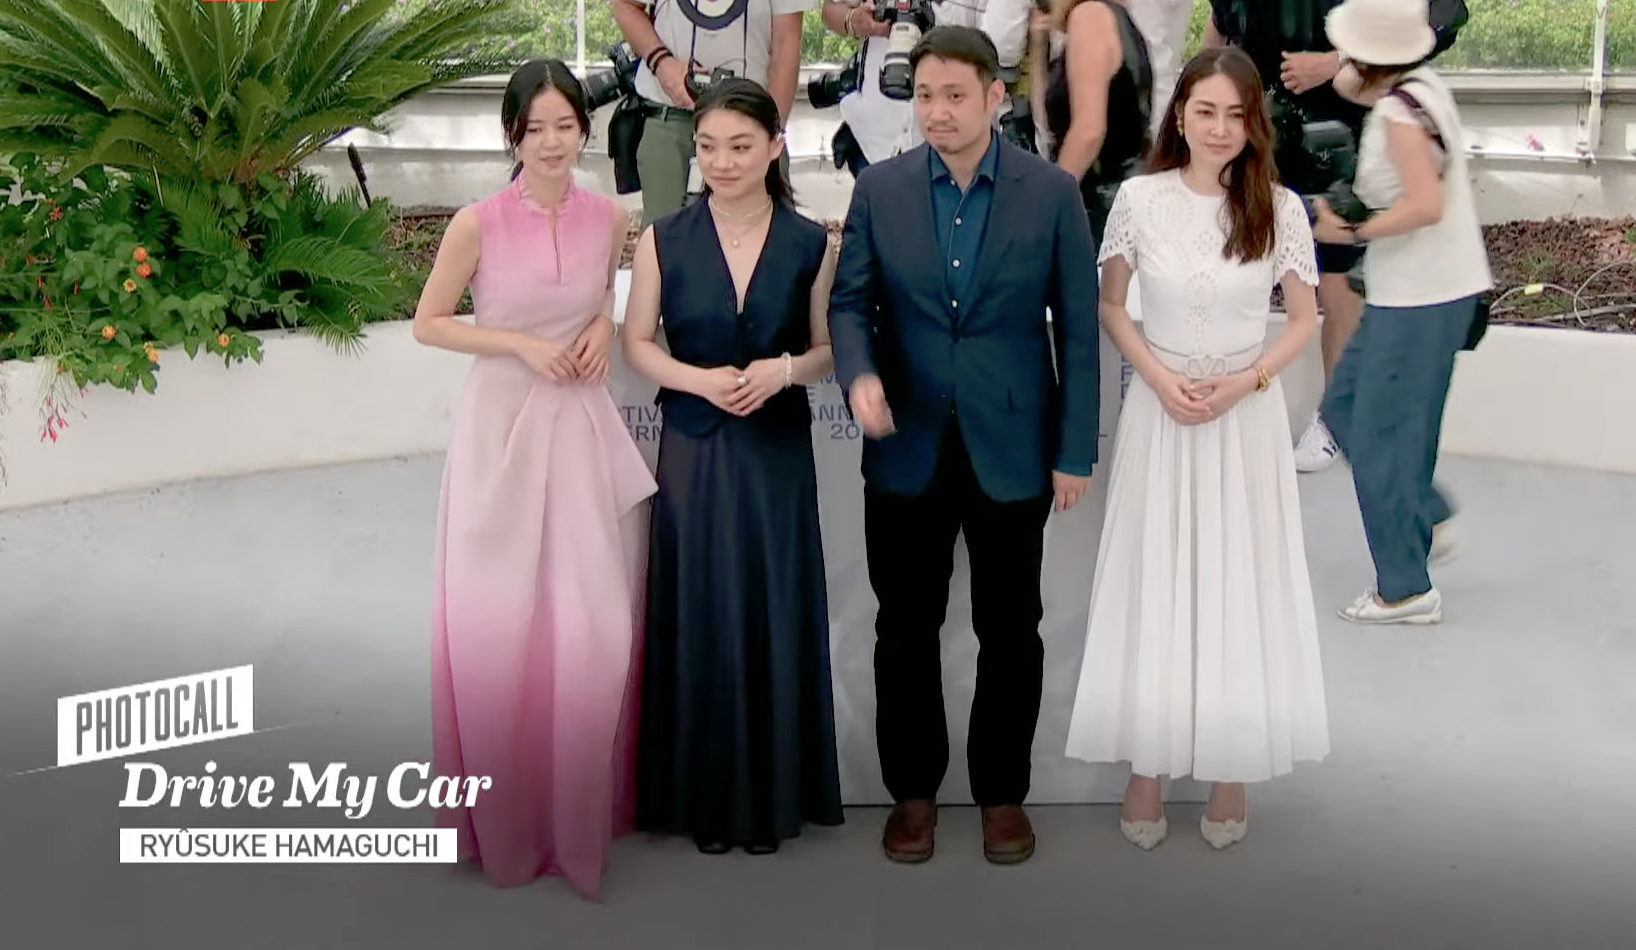 Drive my car, de Ryusuke Hamaguchi, Festival de Cannes 2021, capture